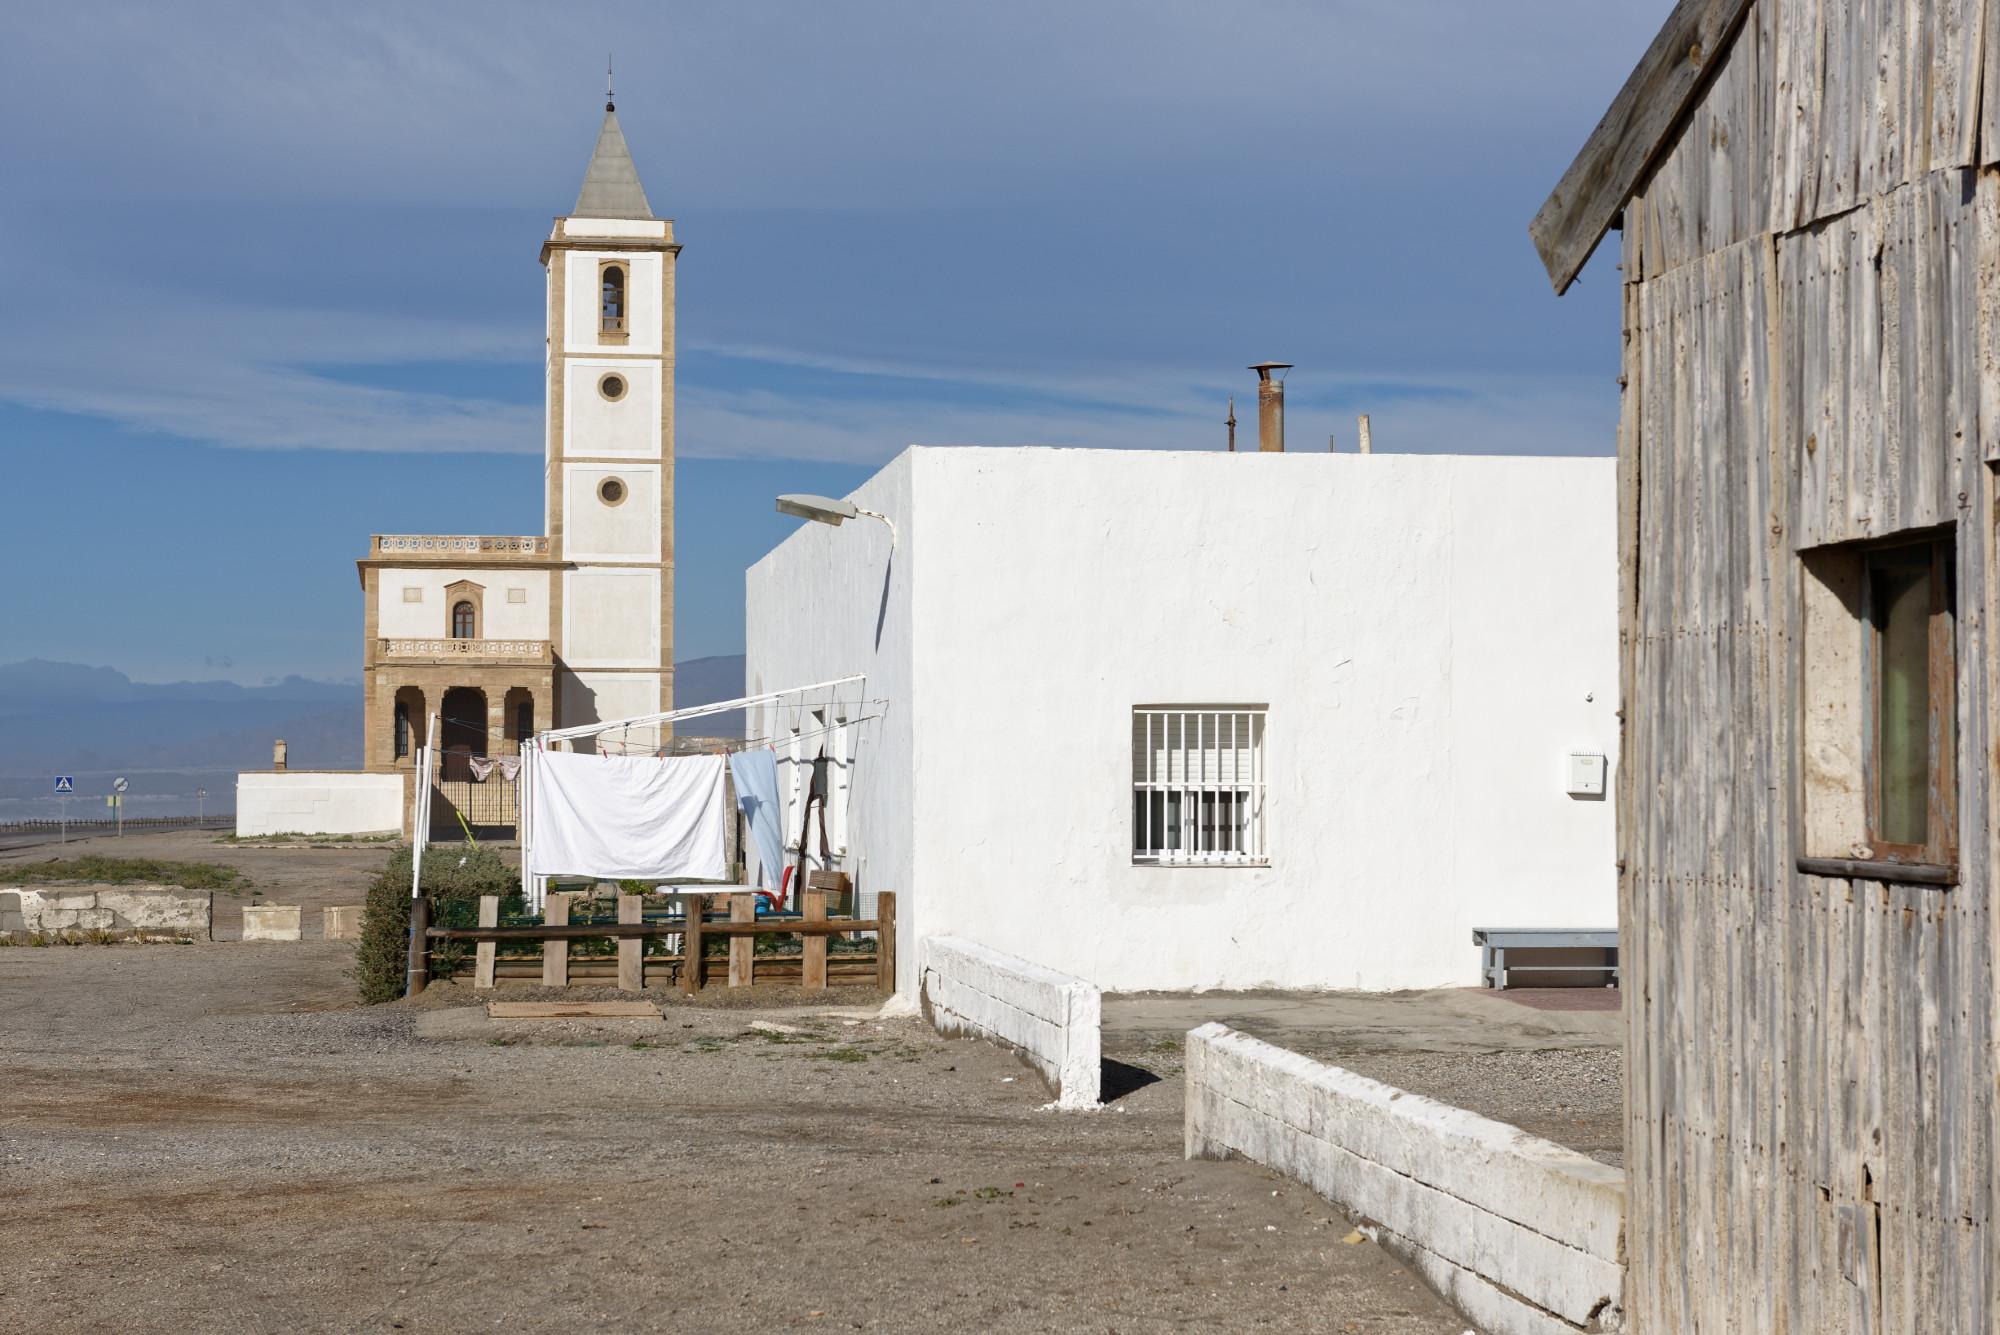 171215-La Almadraba de Montelava (Cabo de Gata - Andalousie) (7)